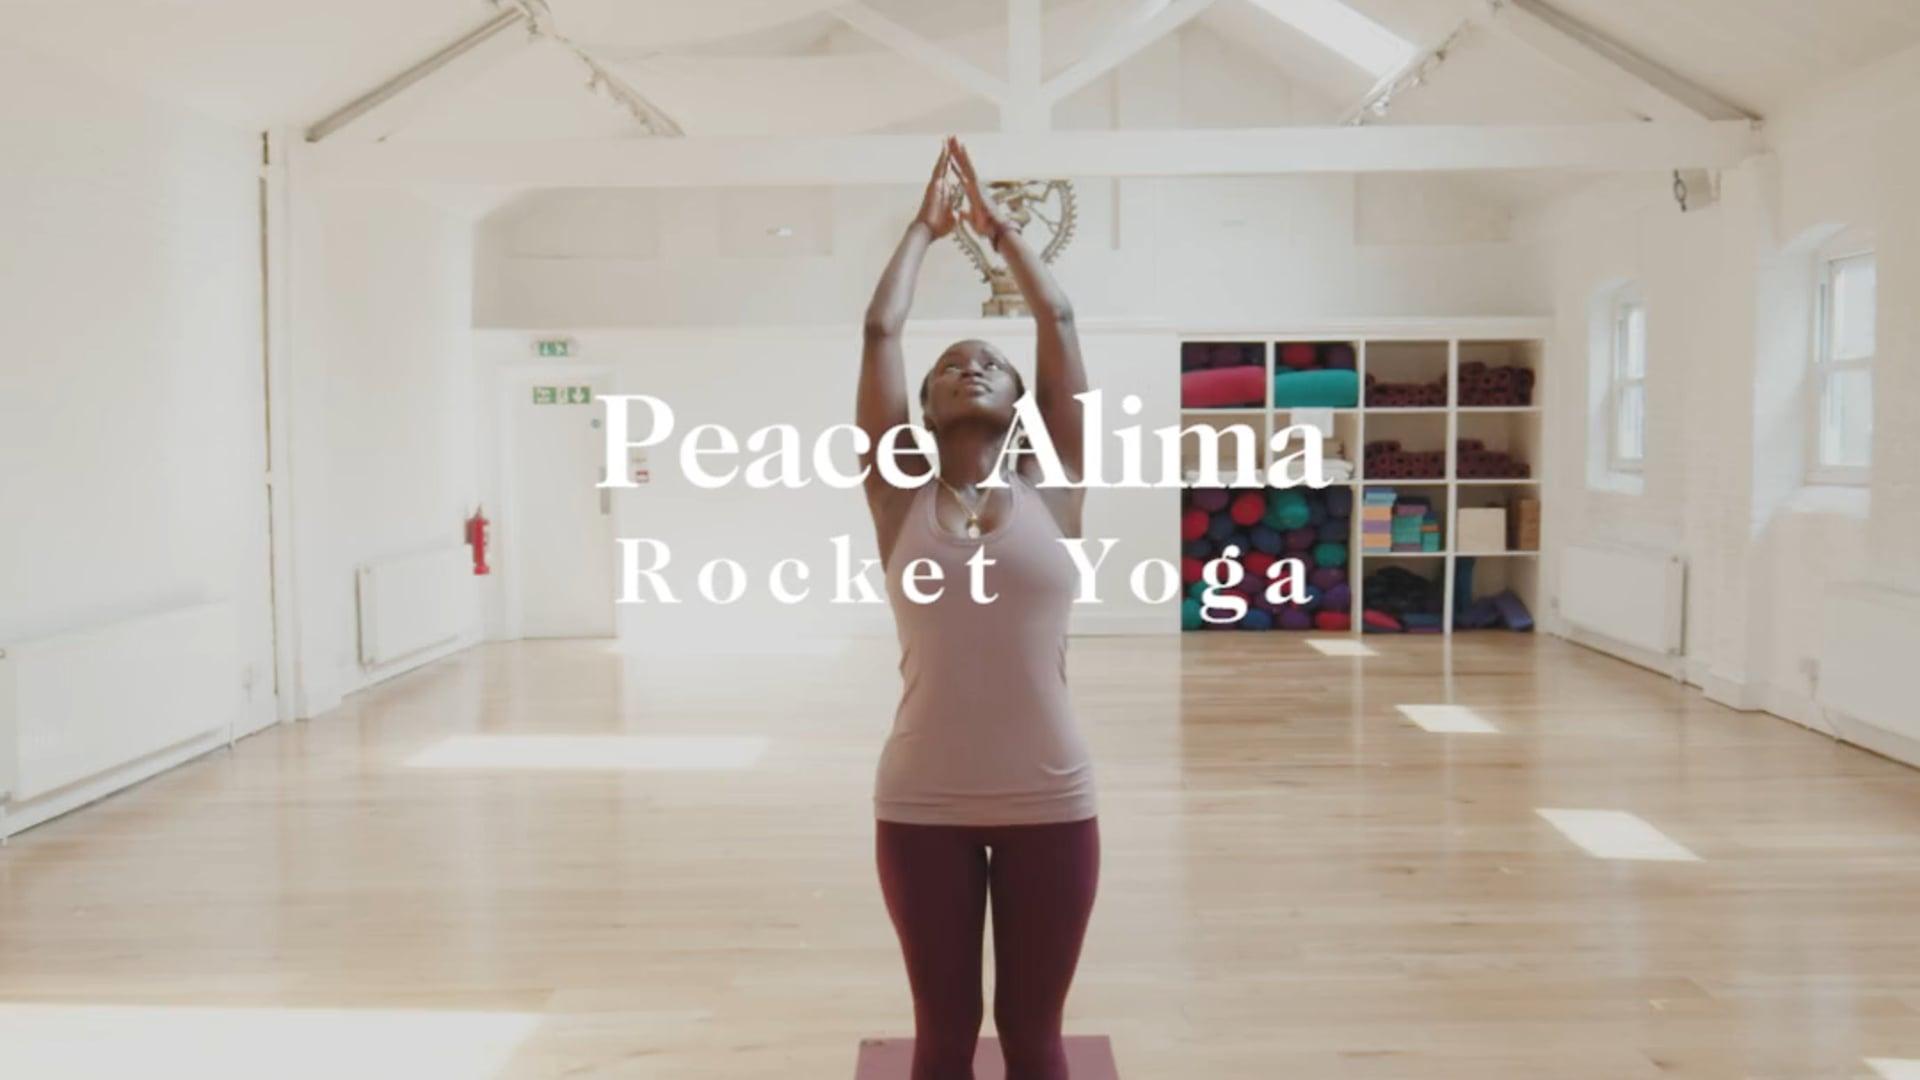 The Life Centre Yoga - Peace Alima